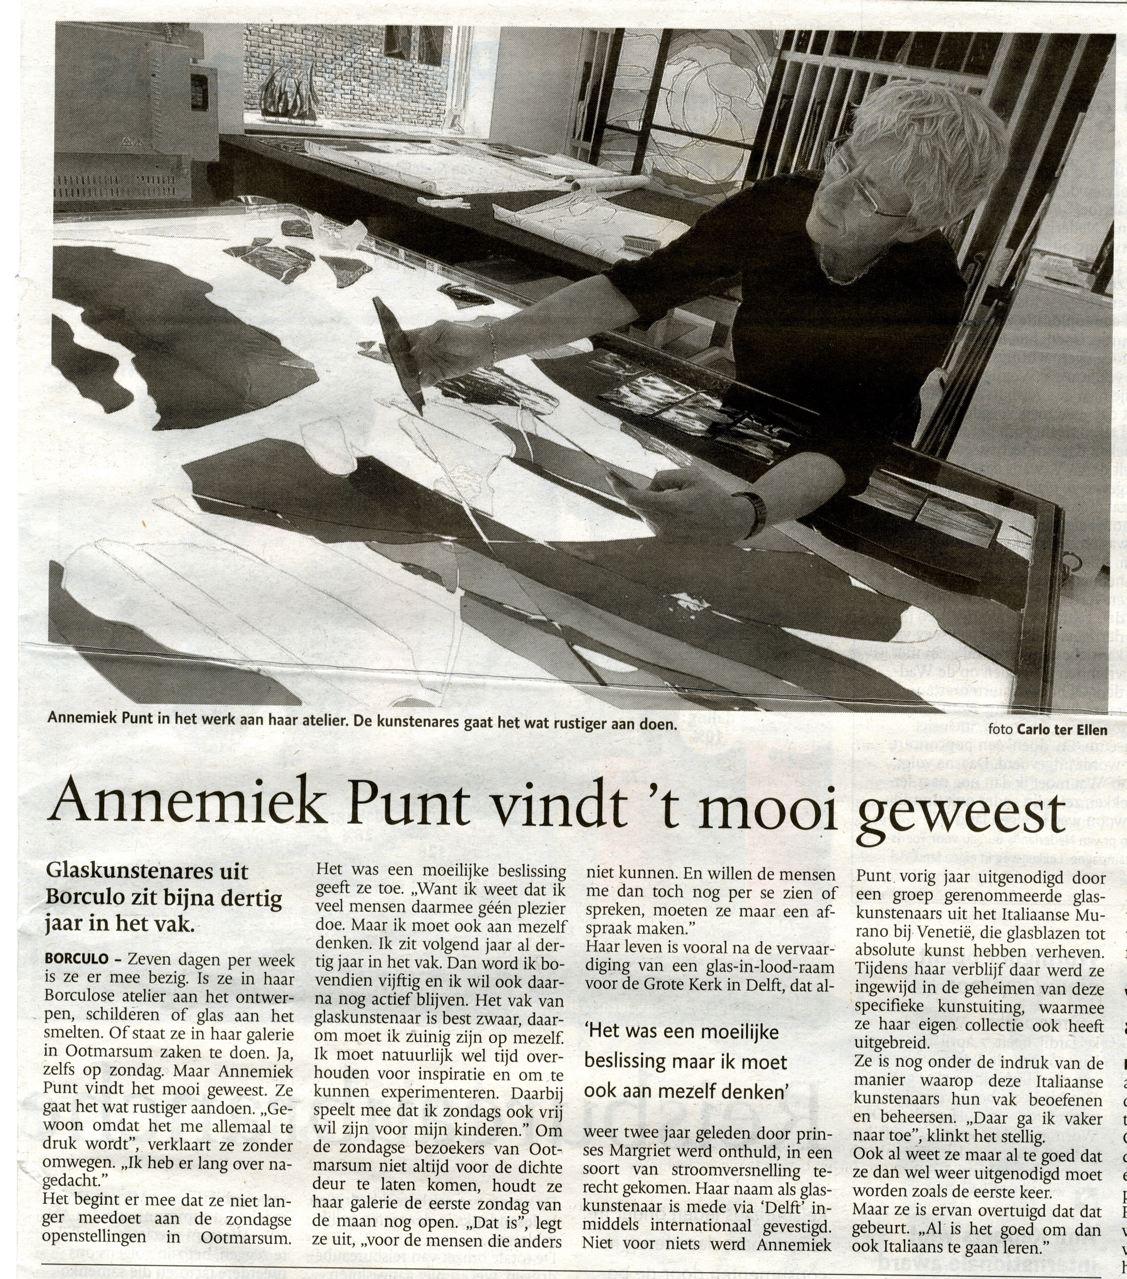 'Annemiek Punt vindt 't mooi geweest' | Atelier Galerie Annemiek Punt Ootmarsum Glas & Schilder Kunst